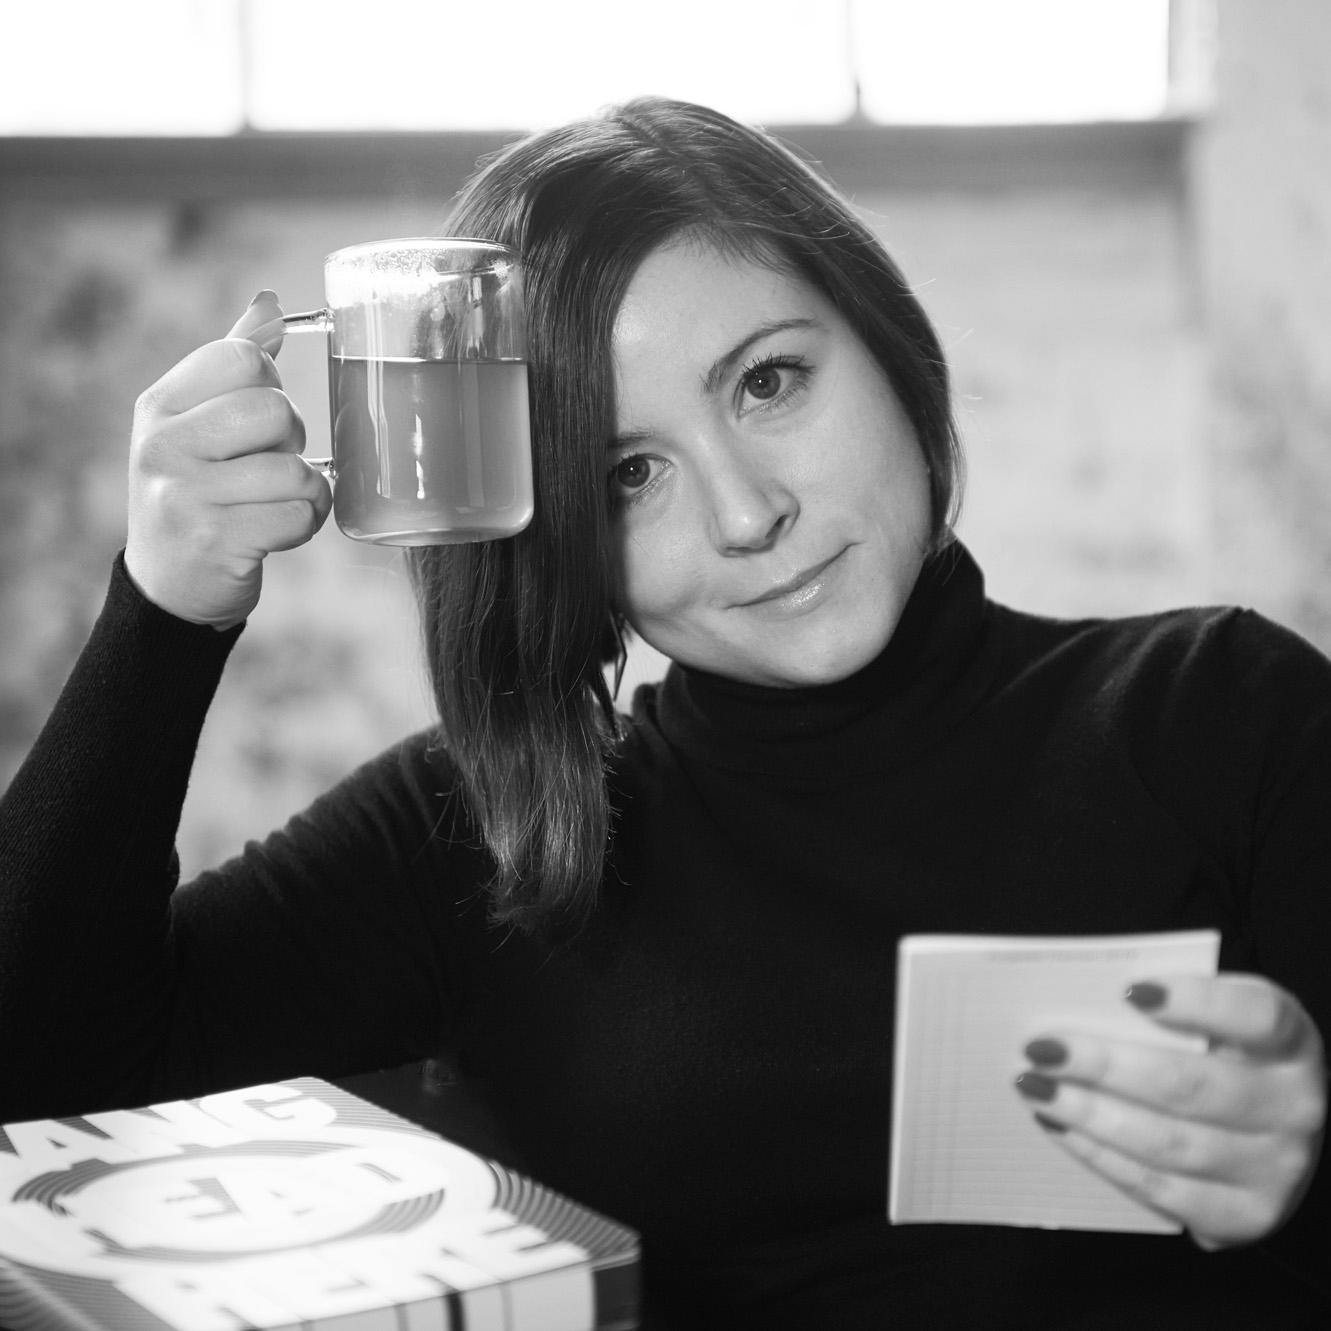 Portrait von Miss Metapher, sitzend auf einem Sofa mit Block und Teetasse